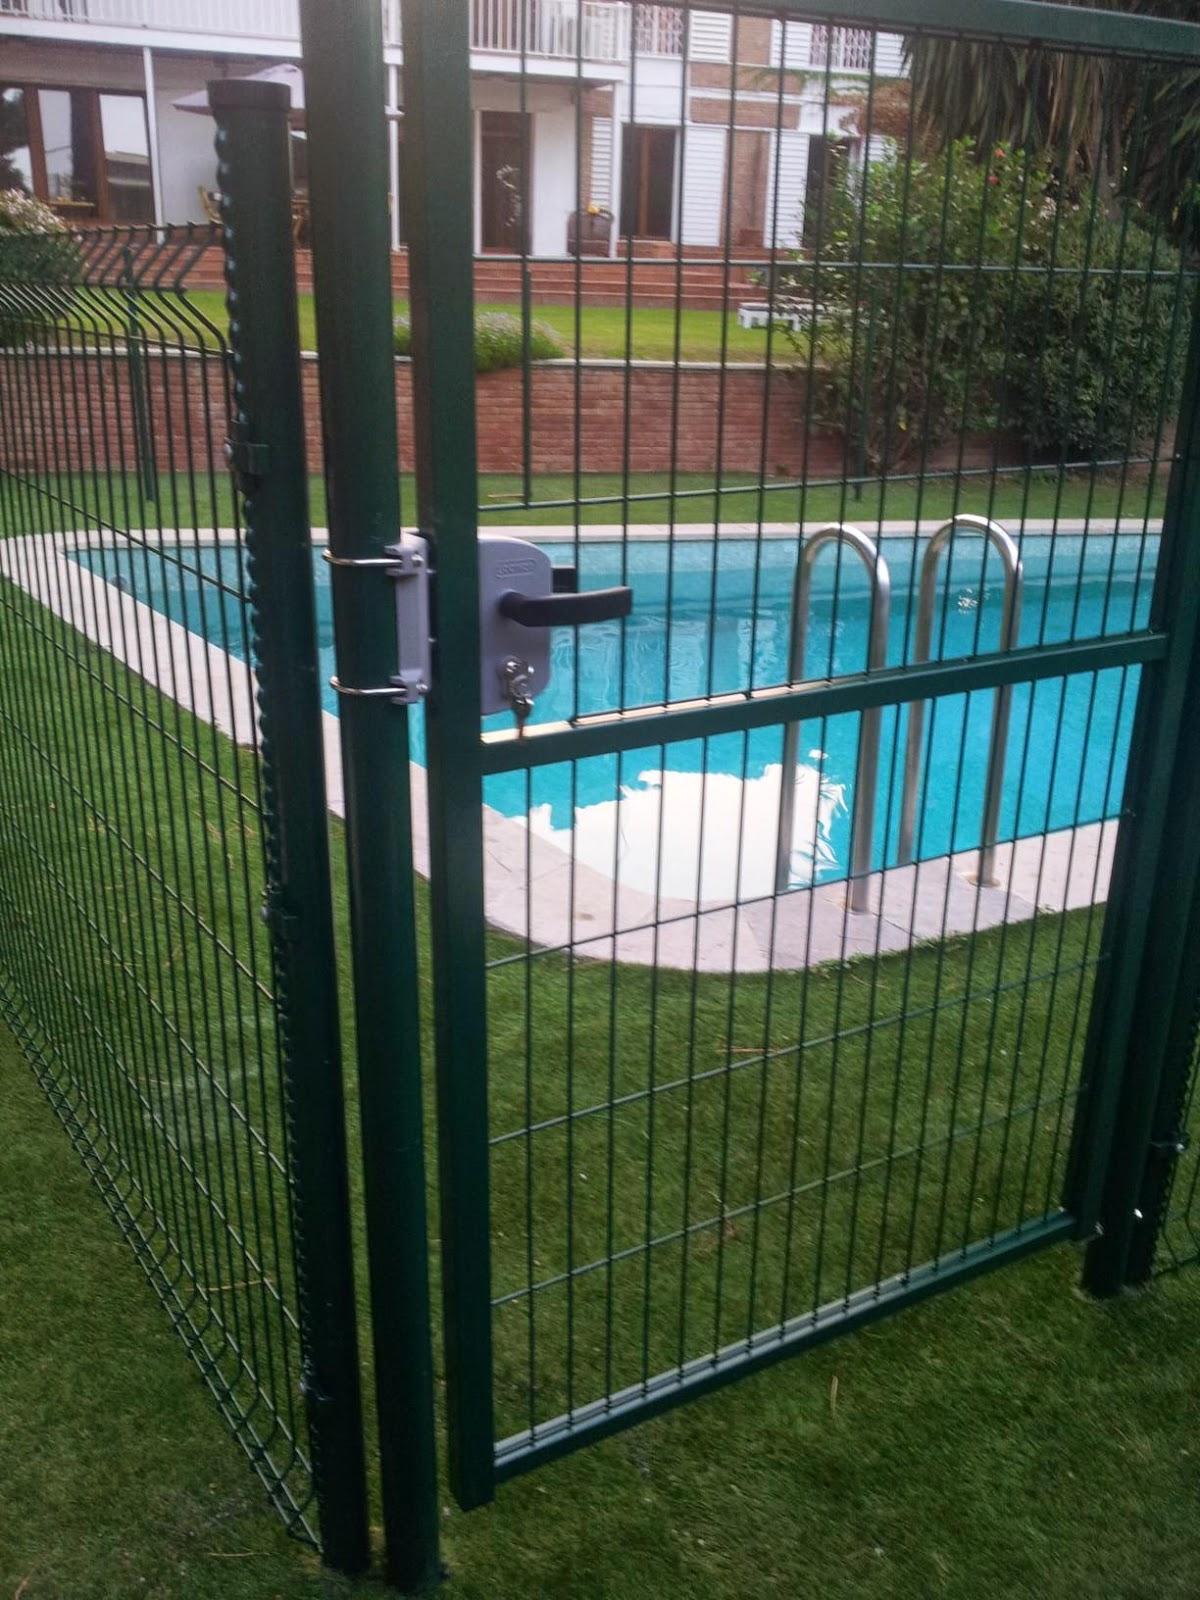 Grupo aquos instalacion de valla delimitadora en jardin - Puertas para vallas ...